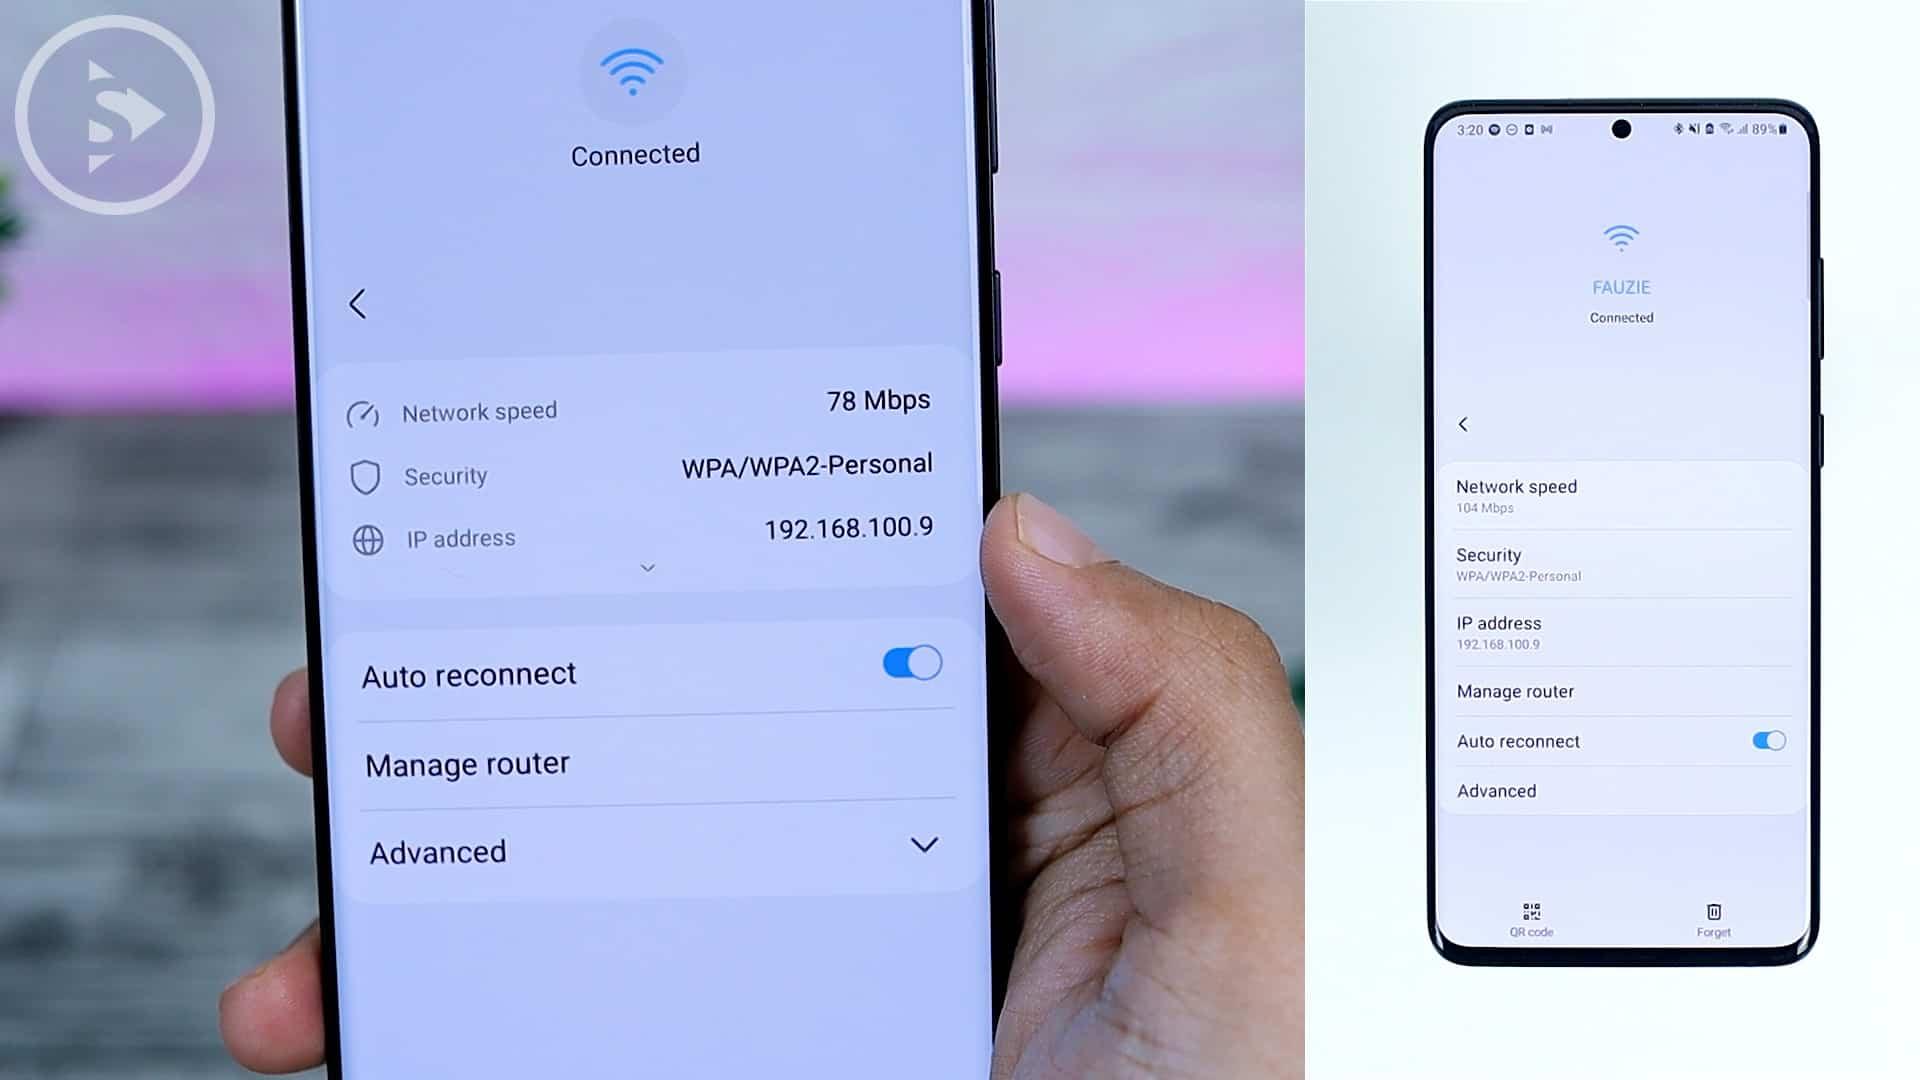 25 Fitur Baru di One UI 3.0 Dengan Android 11 - New Wi-Fi Look